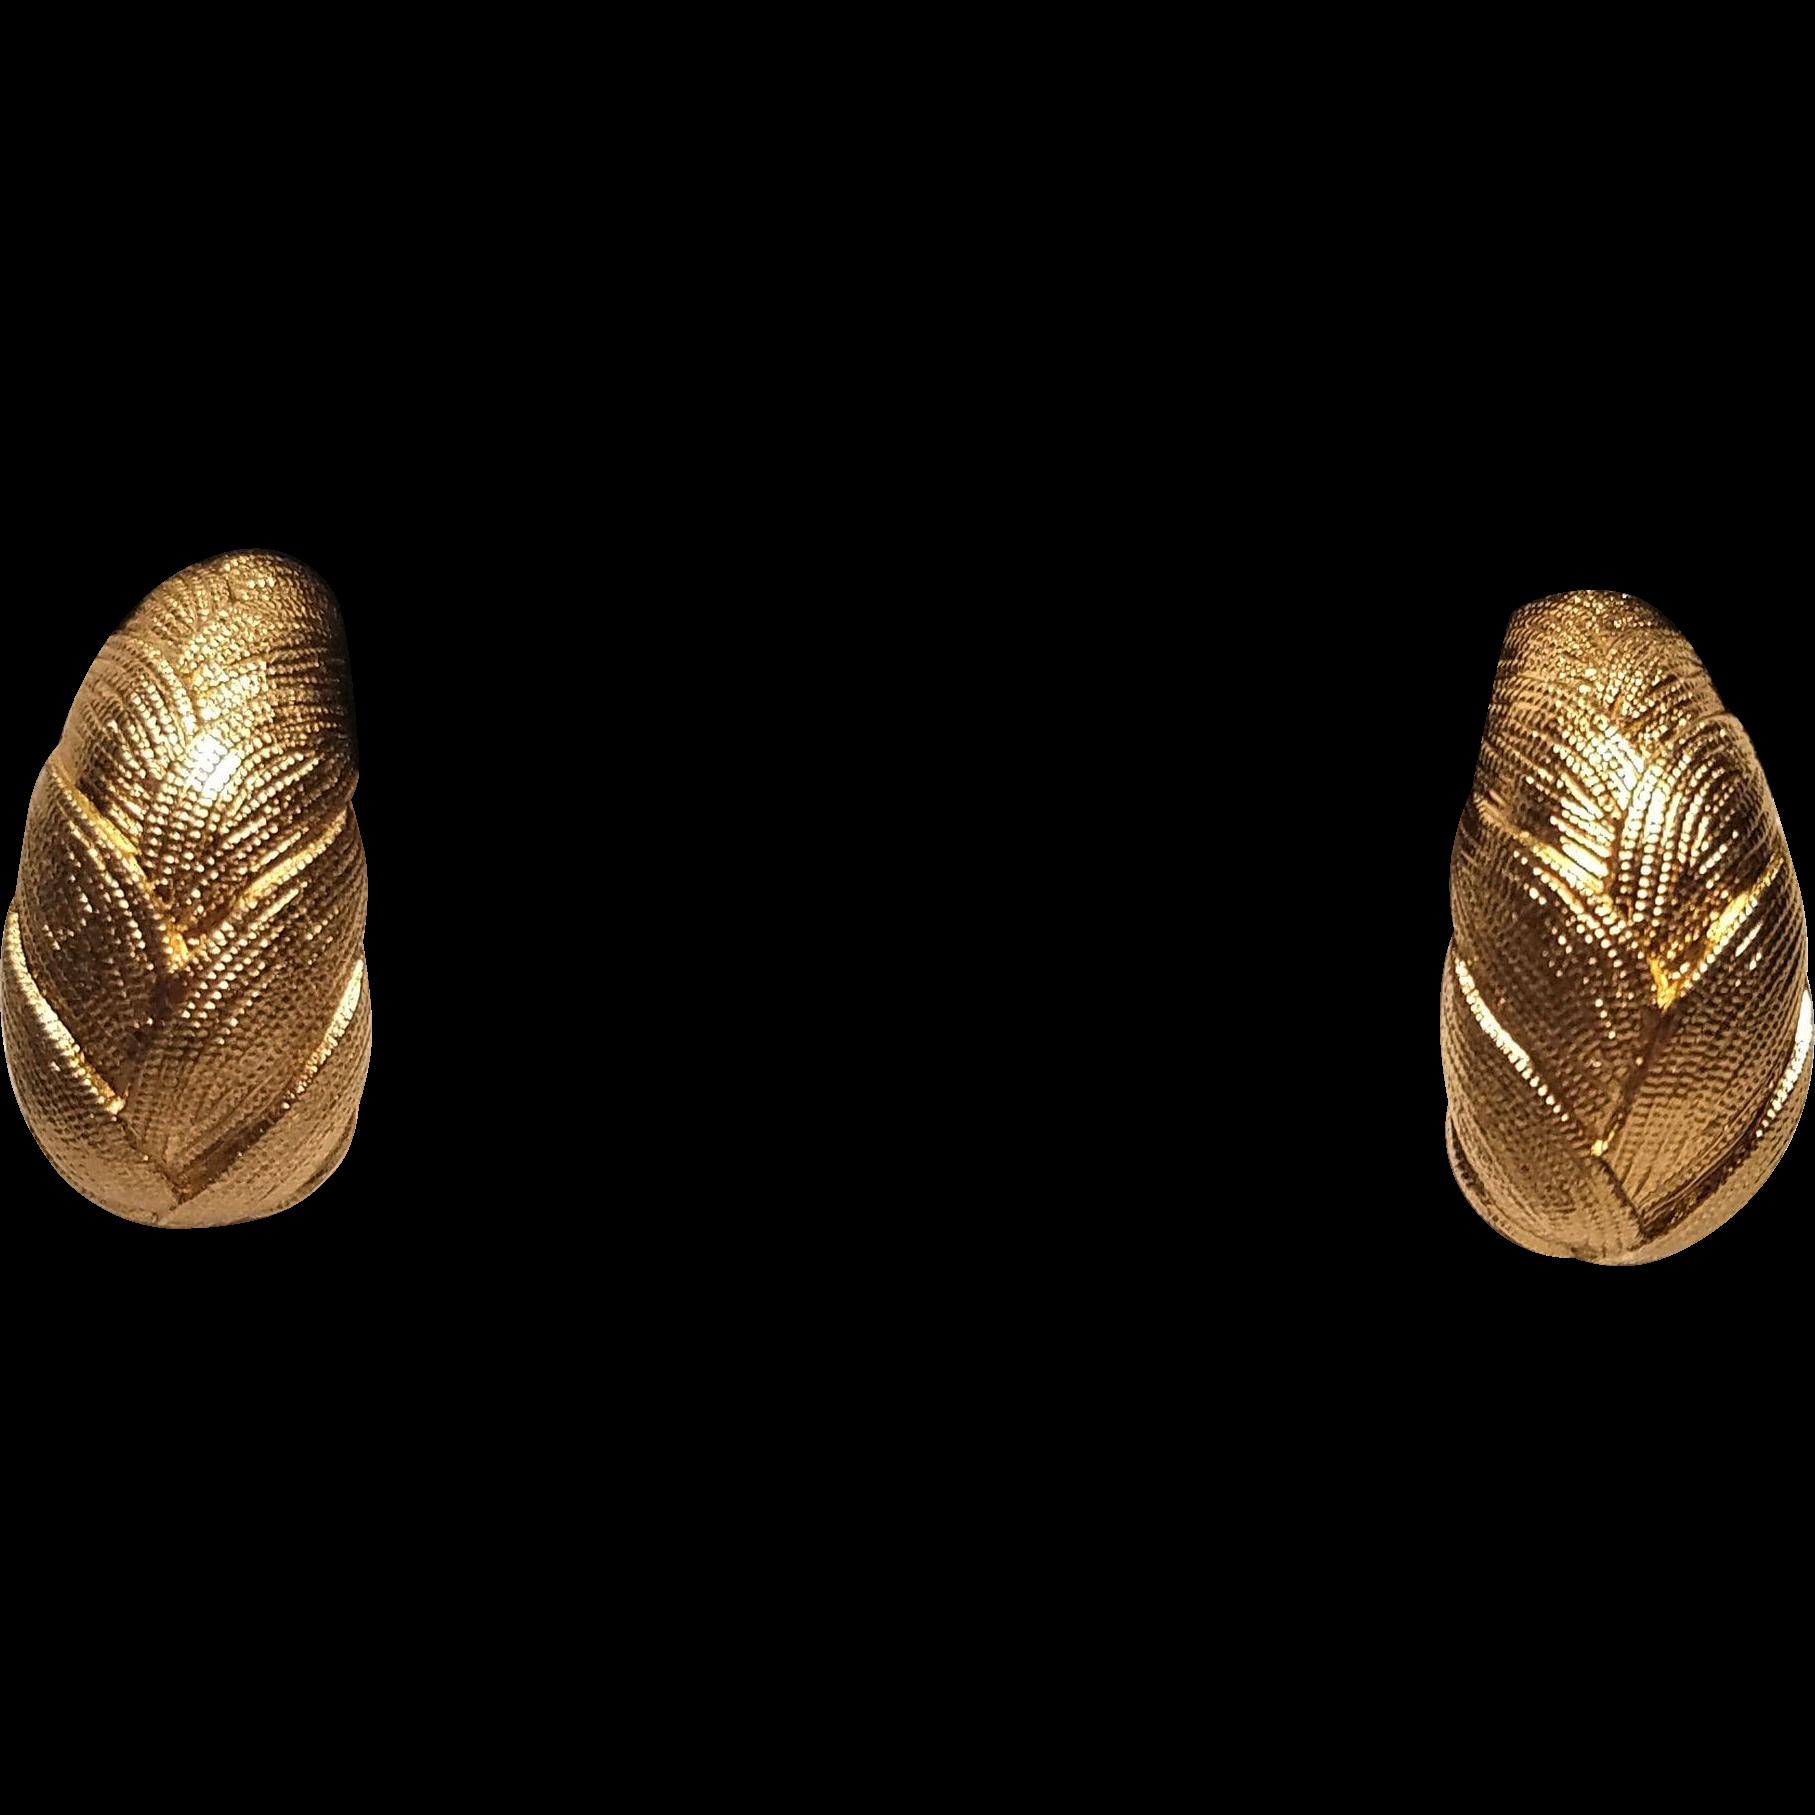 Vintage Monet Gold Tone Satin Metal Embossed Clip Hoop Earrings